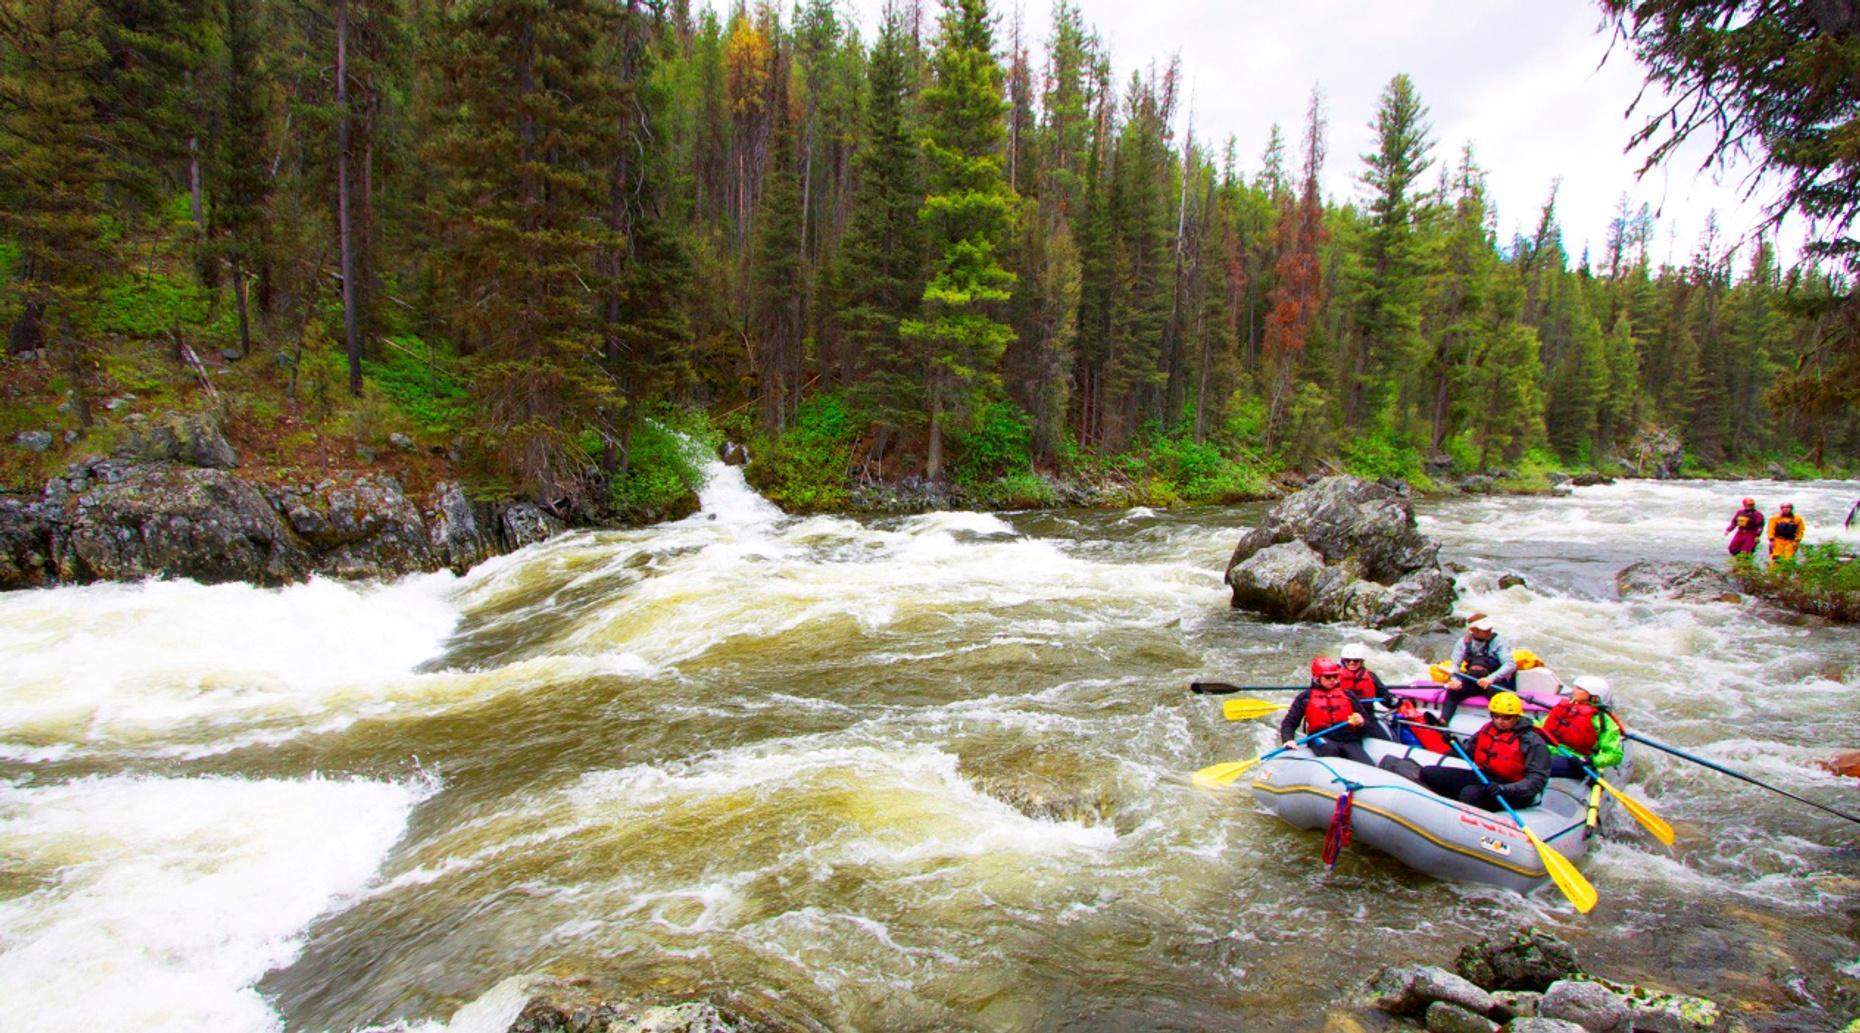 River Rafting Adventure in Talkeetna